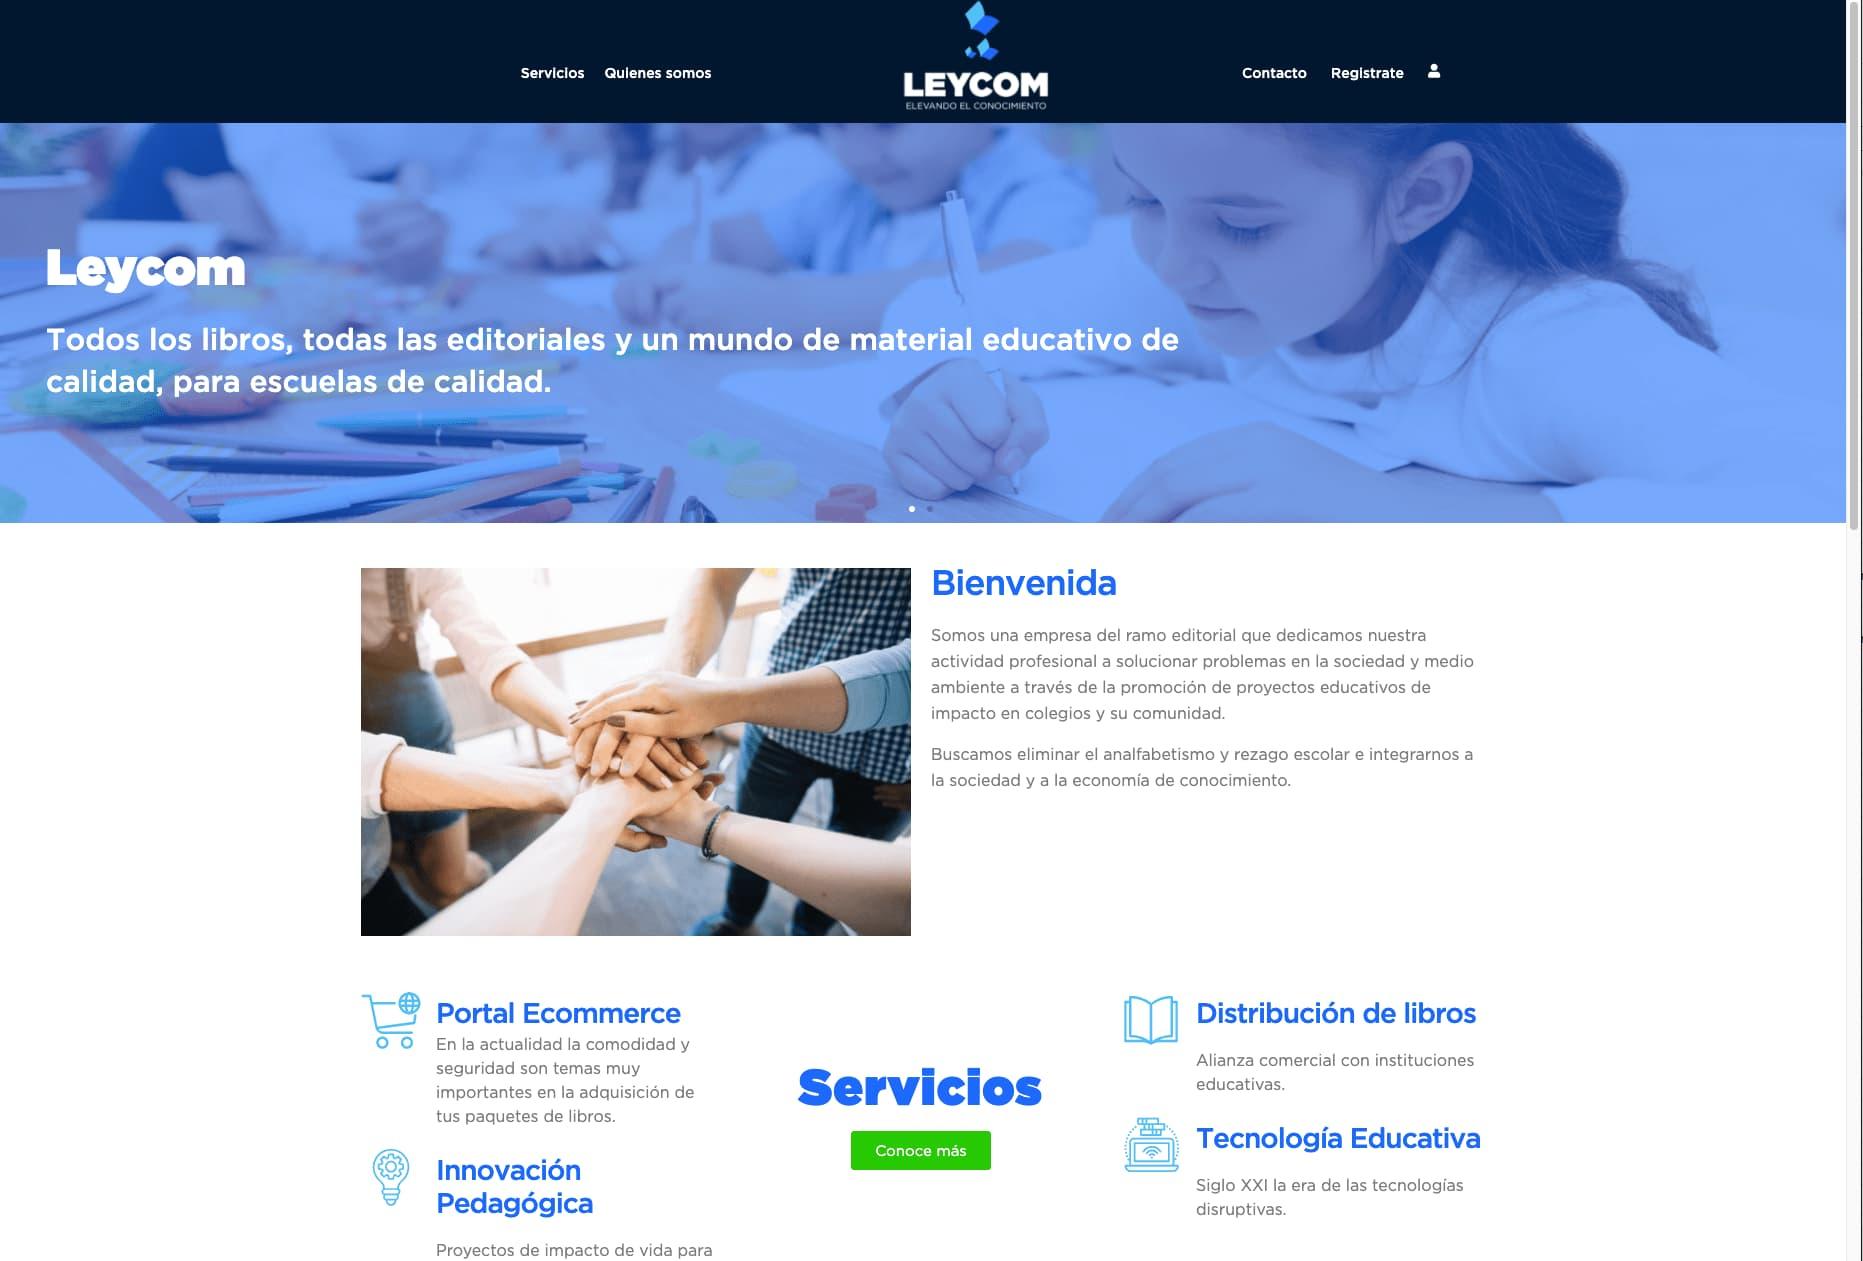 leycomschool.com